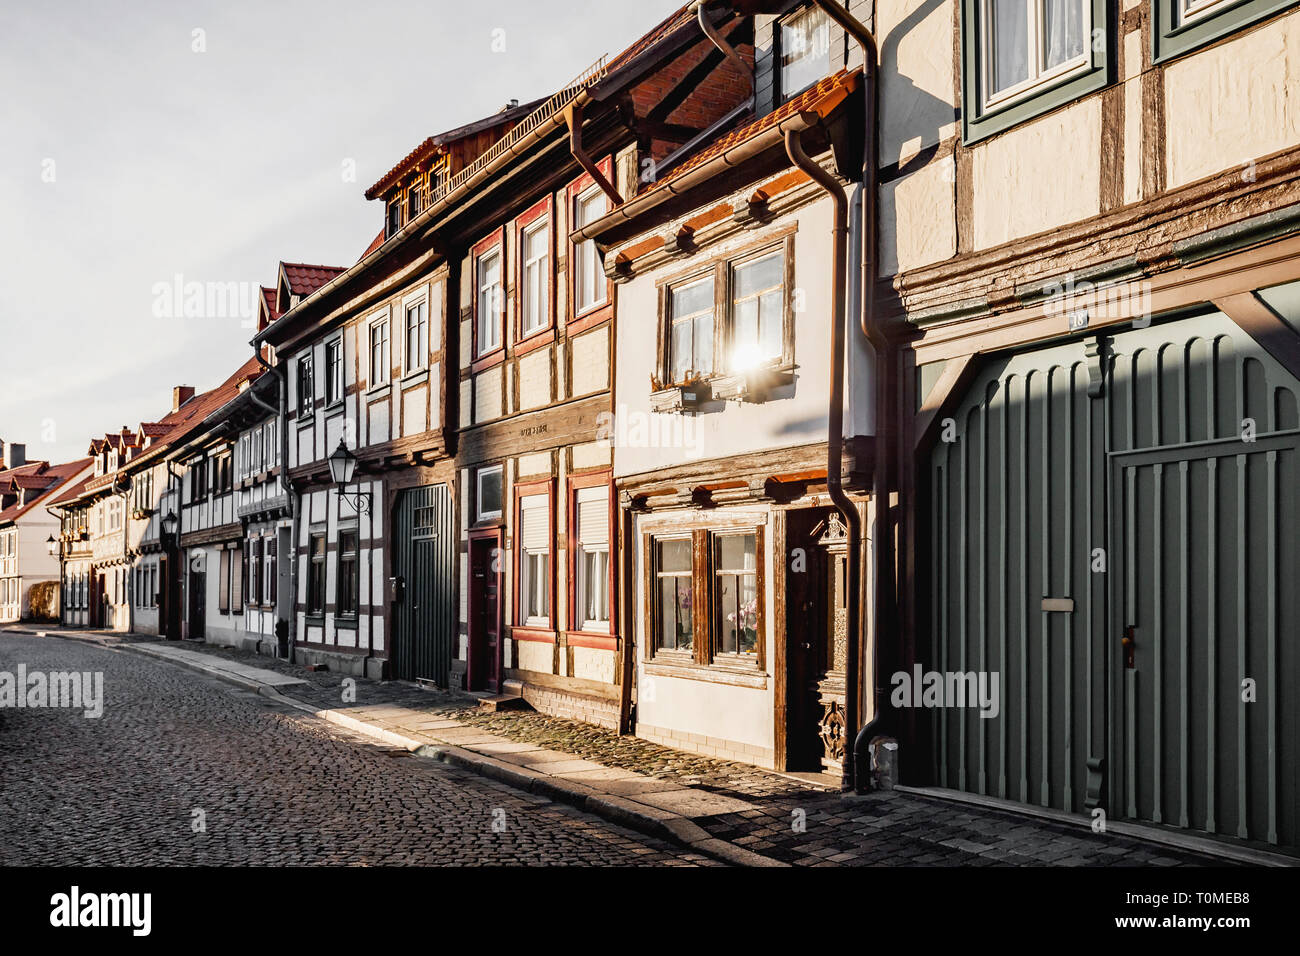 Semi-case con travi di legno a Wernigerode nella catena montuosa di Harz, Sassonia-Anhalt, Germania Foto Stock